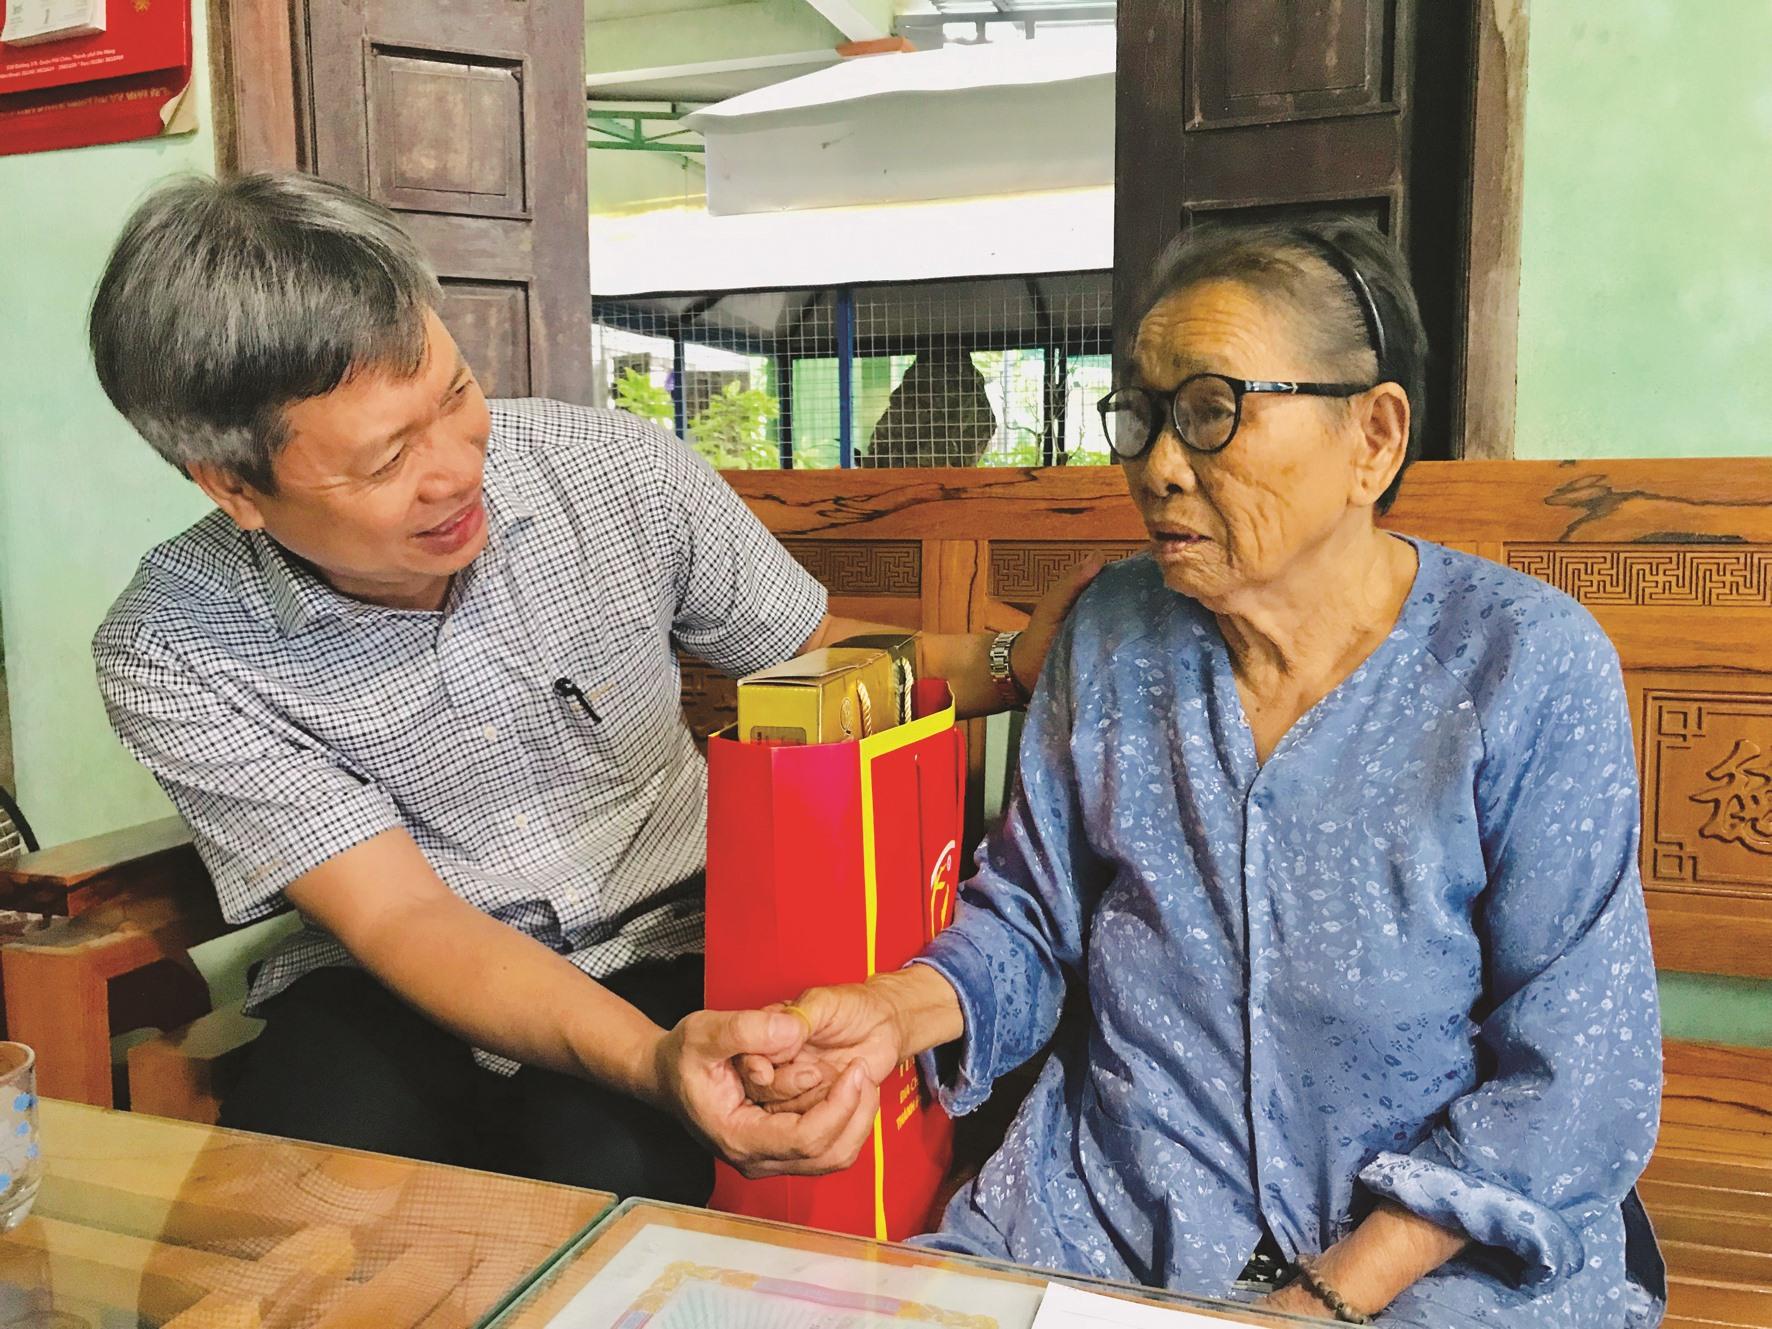 Phó Chủ tịch UBND tỉnh Hồ Quang Bửu trao quà và gửi lời chúc sức khỏe đến cụ Huỳnh Thị Thu, 83 tuổi (trú Cẩm Kim, TP. Hội An). Ảnh: QUỐC TUẤN